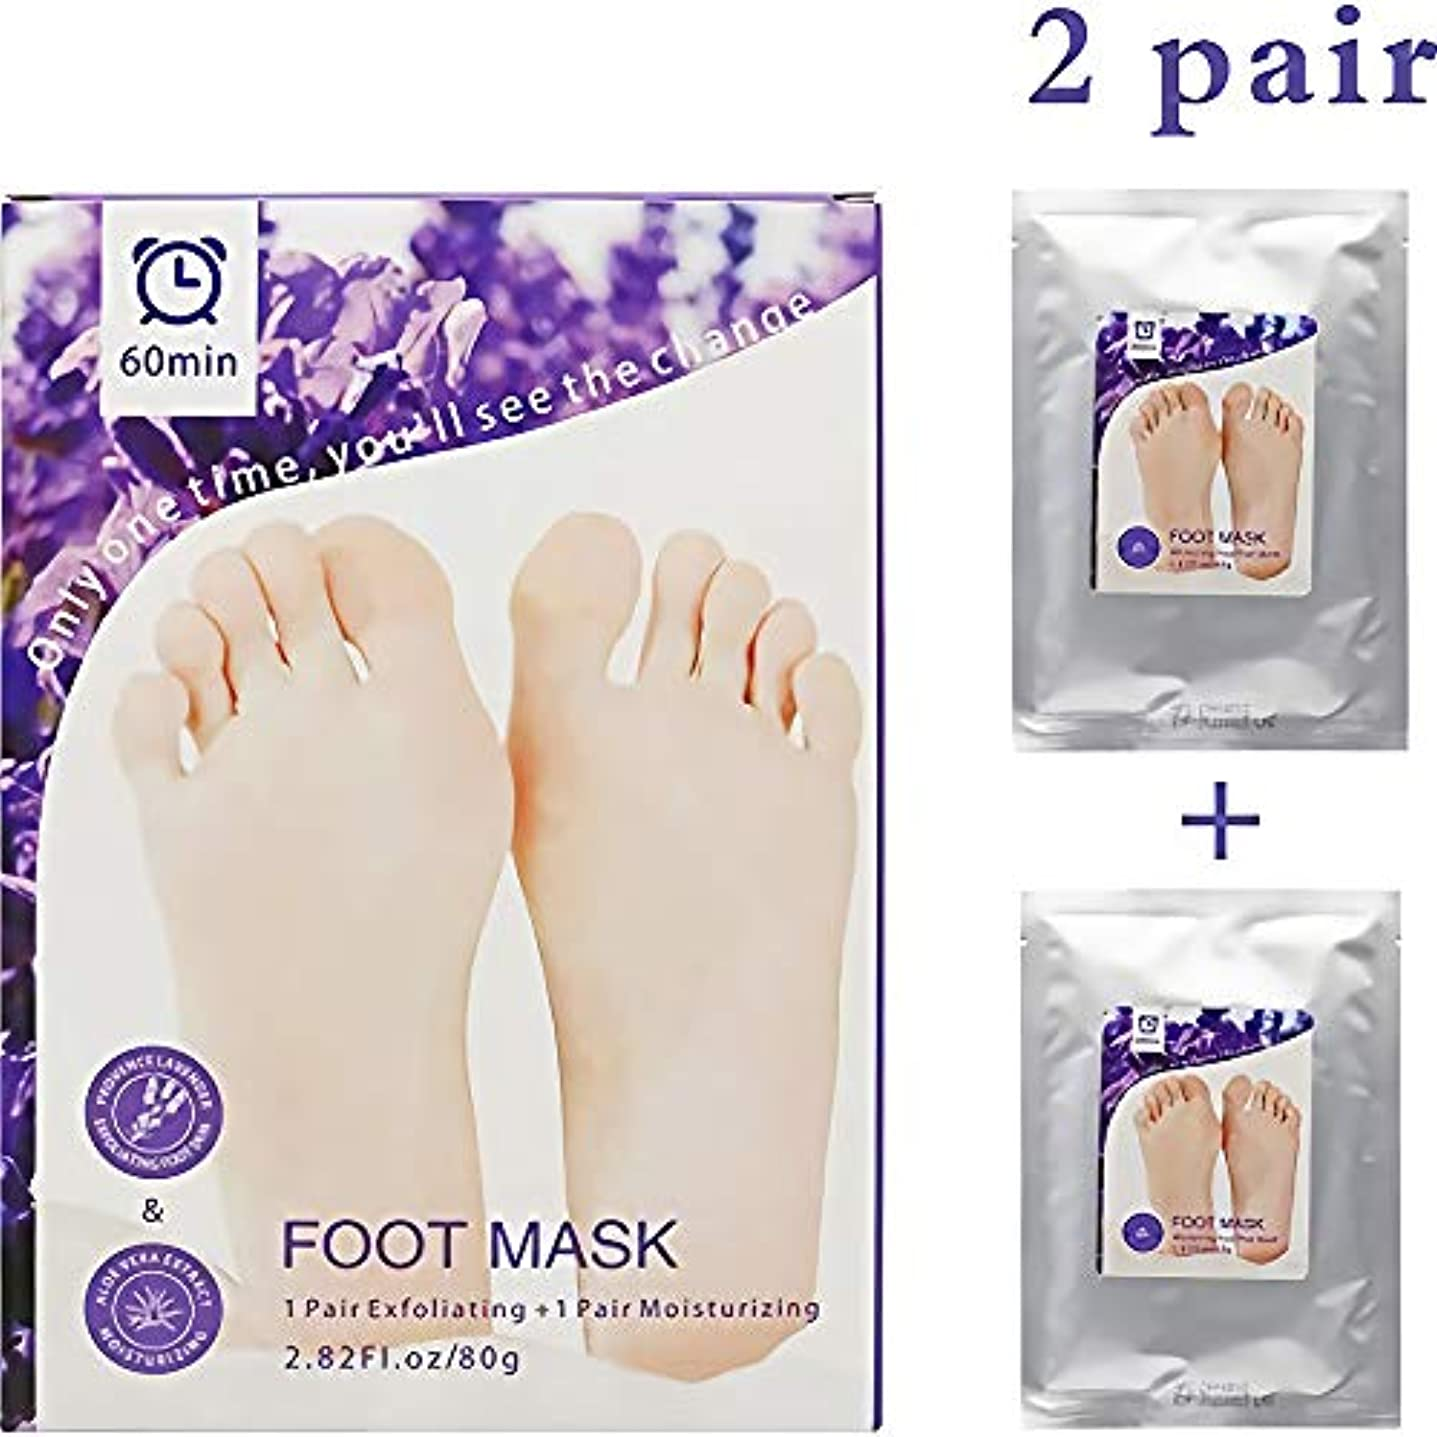 感謝飼いならす出版男性と女性のための適切なフットピーリングマスク2ペア、エクスフォリエイティング保湿マスクフット、滑らかに適した古い皮膚を削除する靴底の柔らかさ、